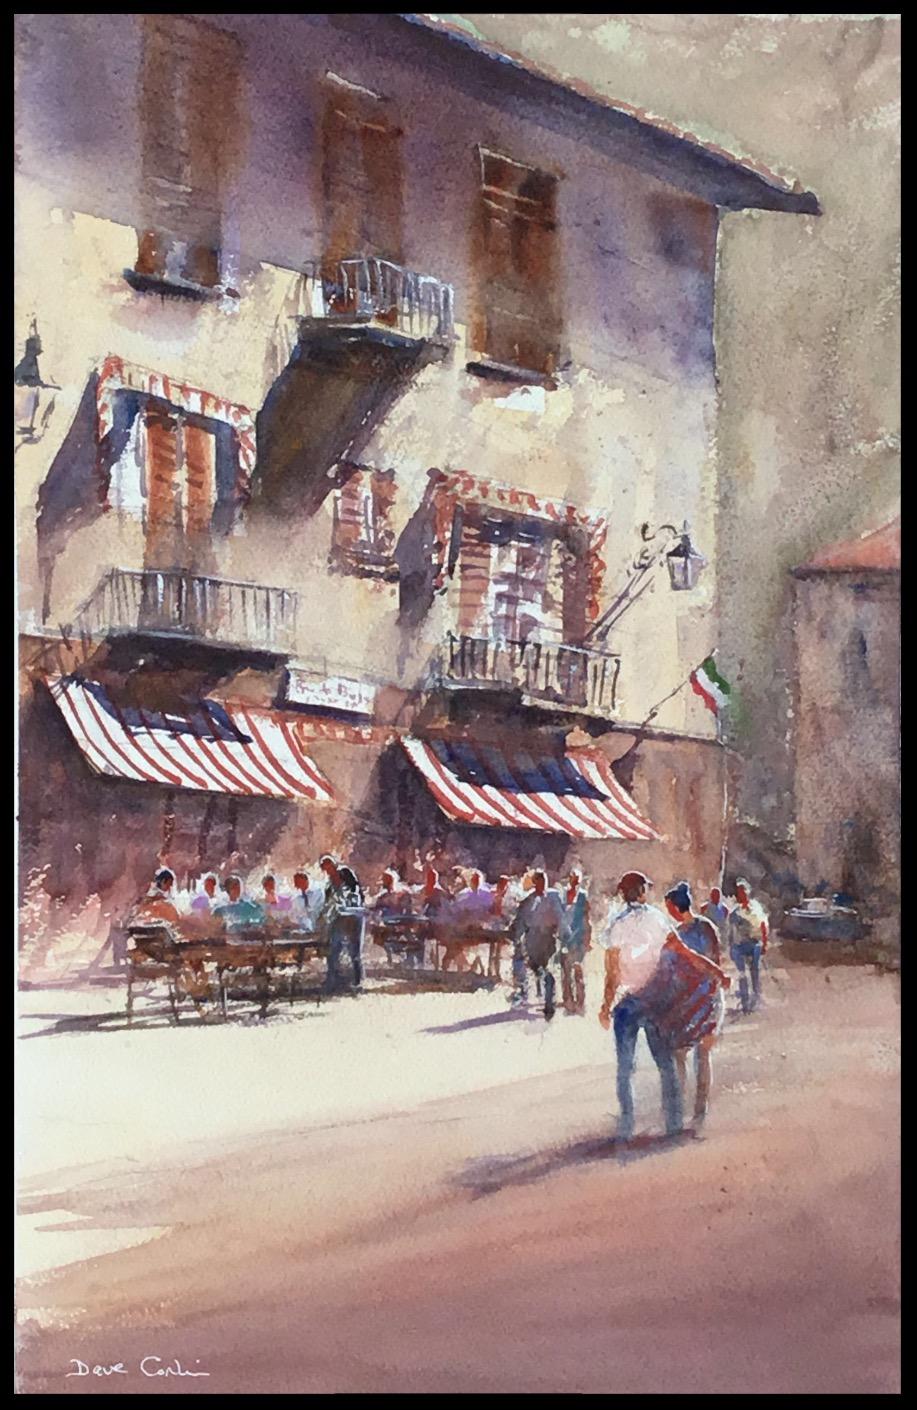 Maccagno cafe scene